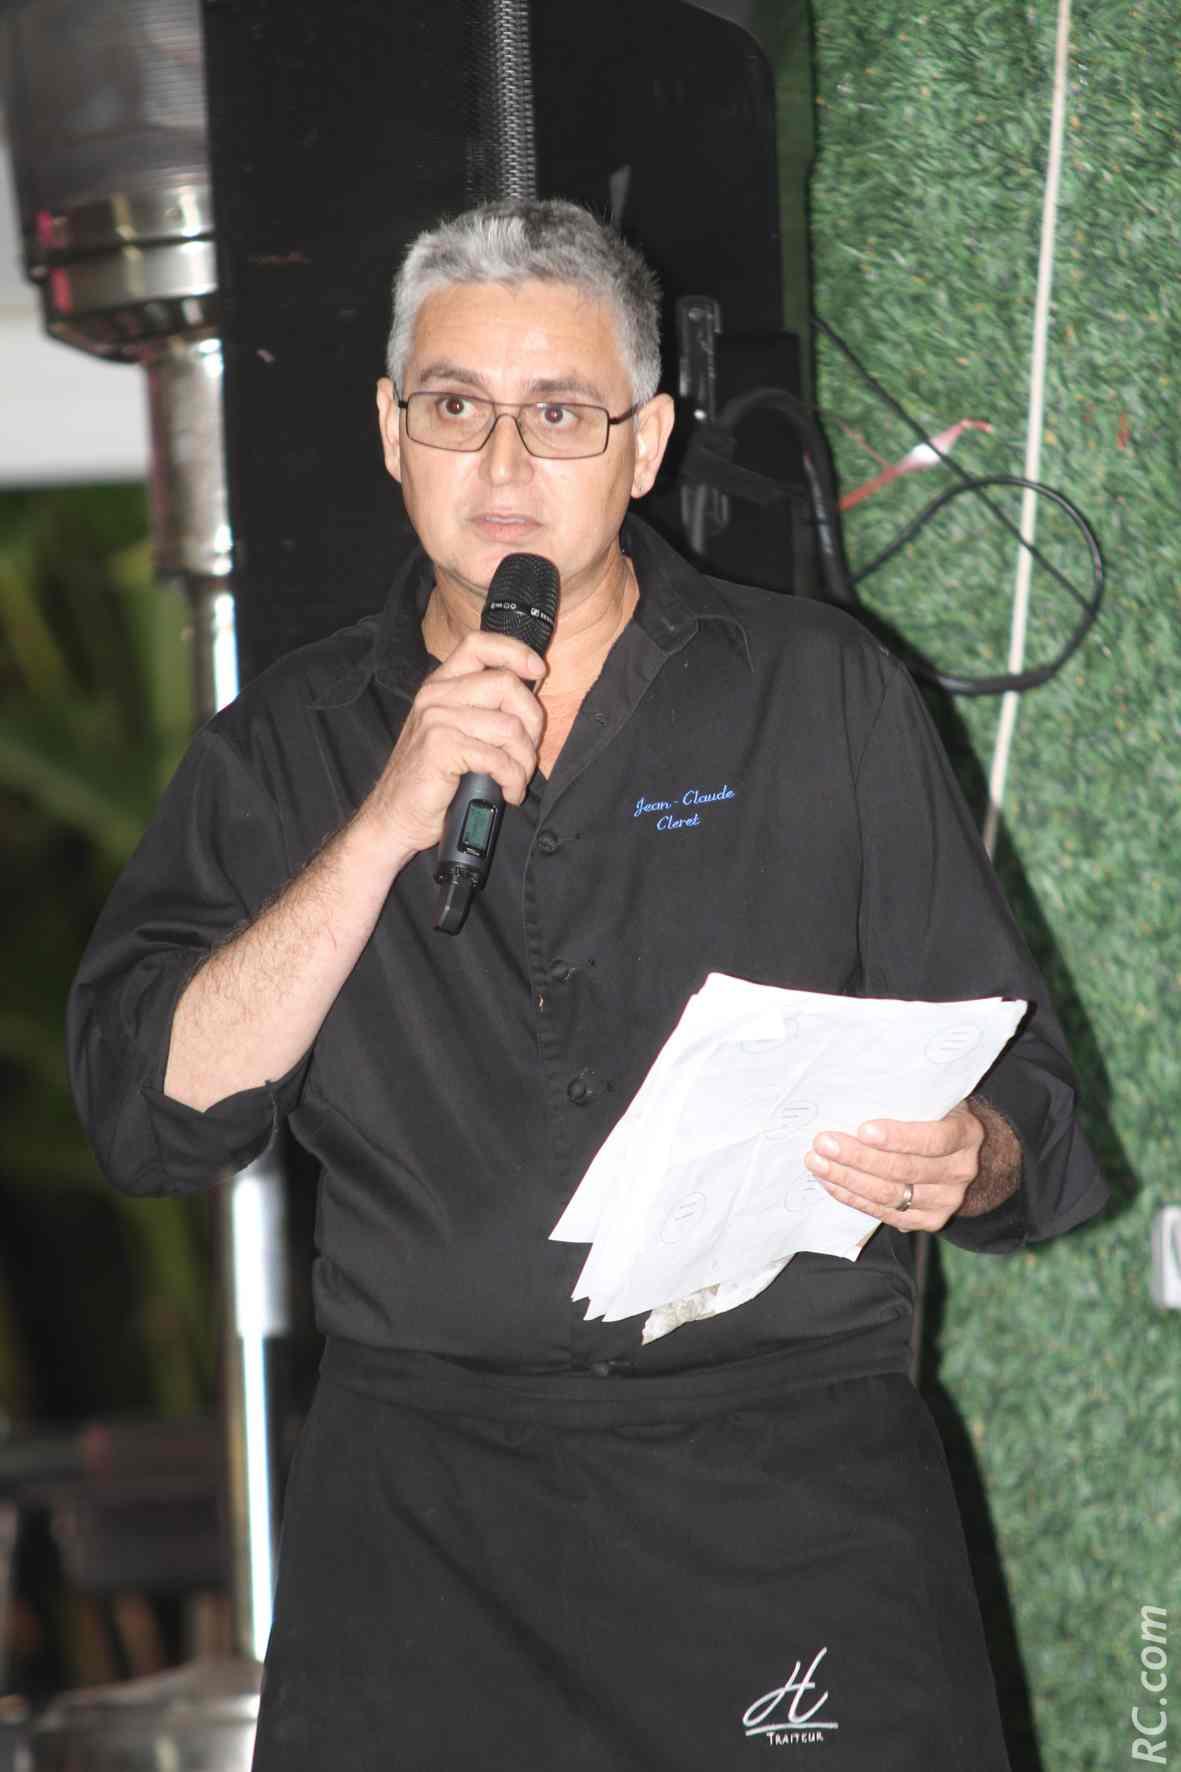 Jean-Claude Cléret, président du Cercle des Epicuriens, organisateur de cet événement